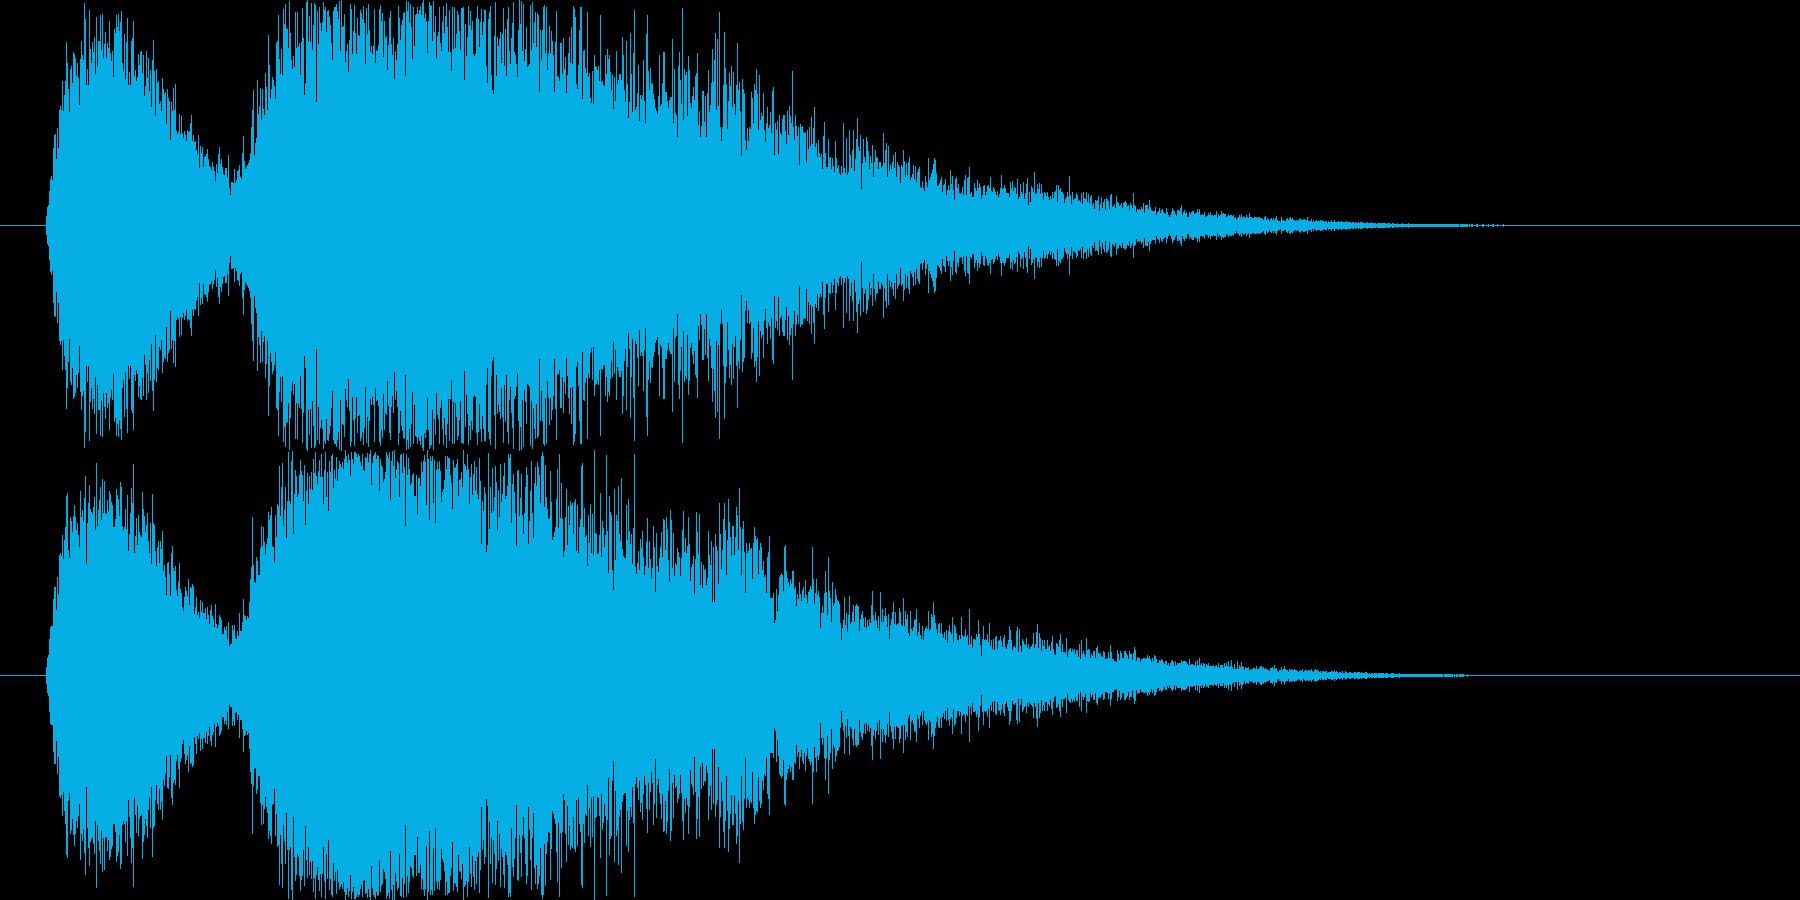 風魔法の音(突風を起こすイメージ)の再生済みの波形